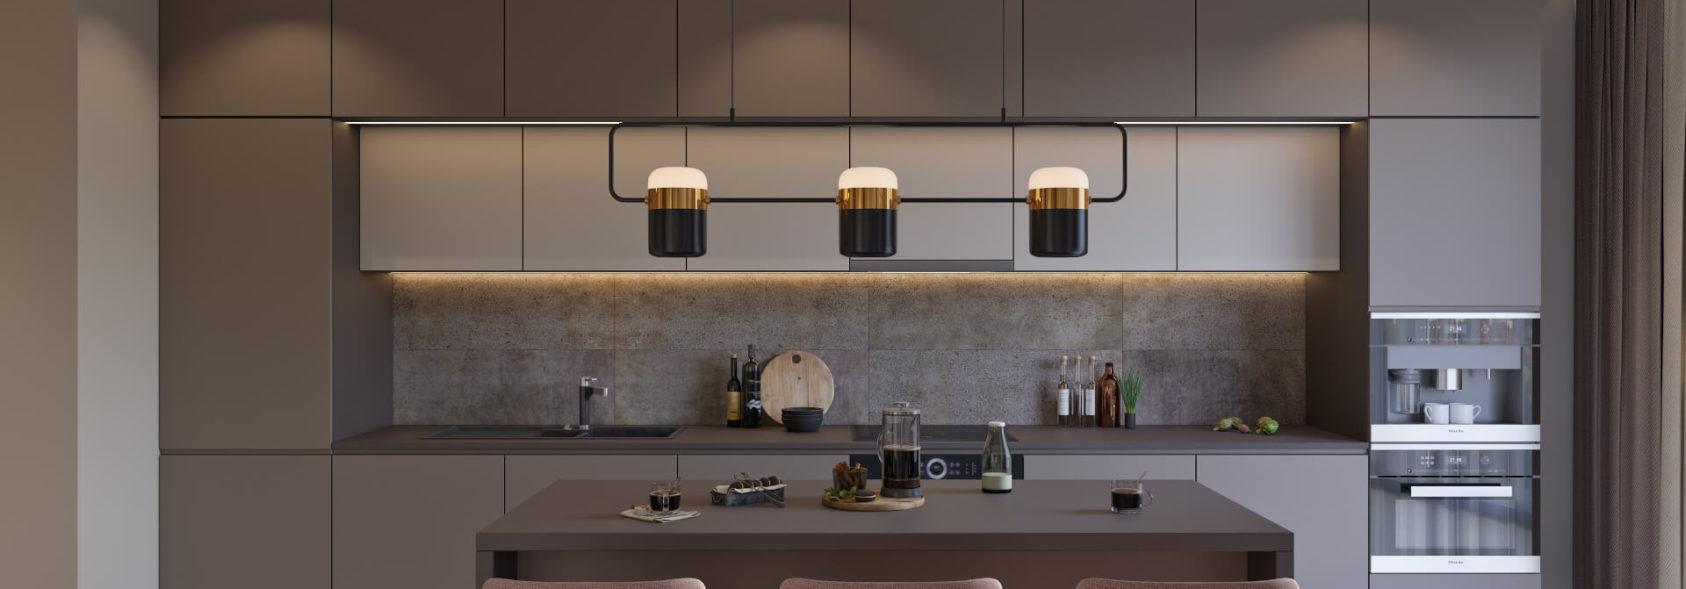 Дизайн четырехкомнатной квартиры Киев кухня студия